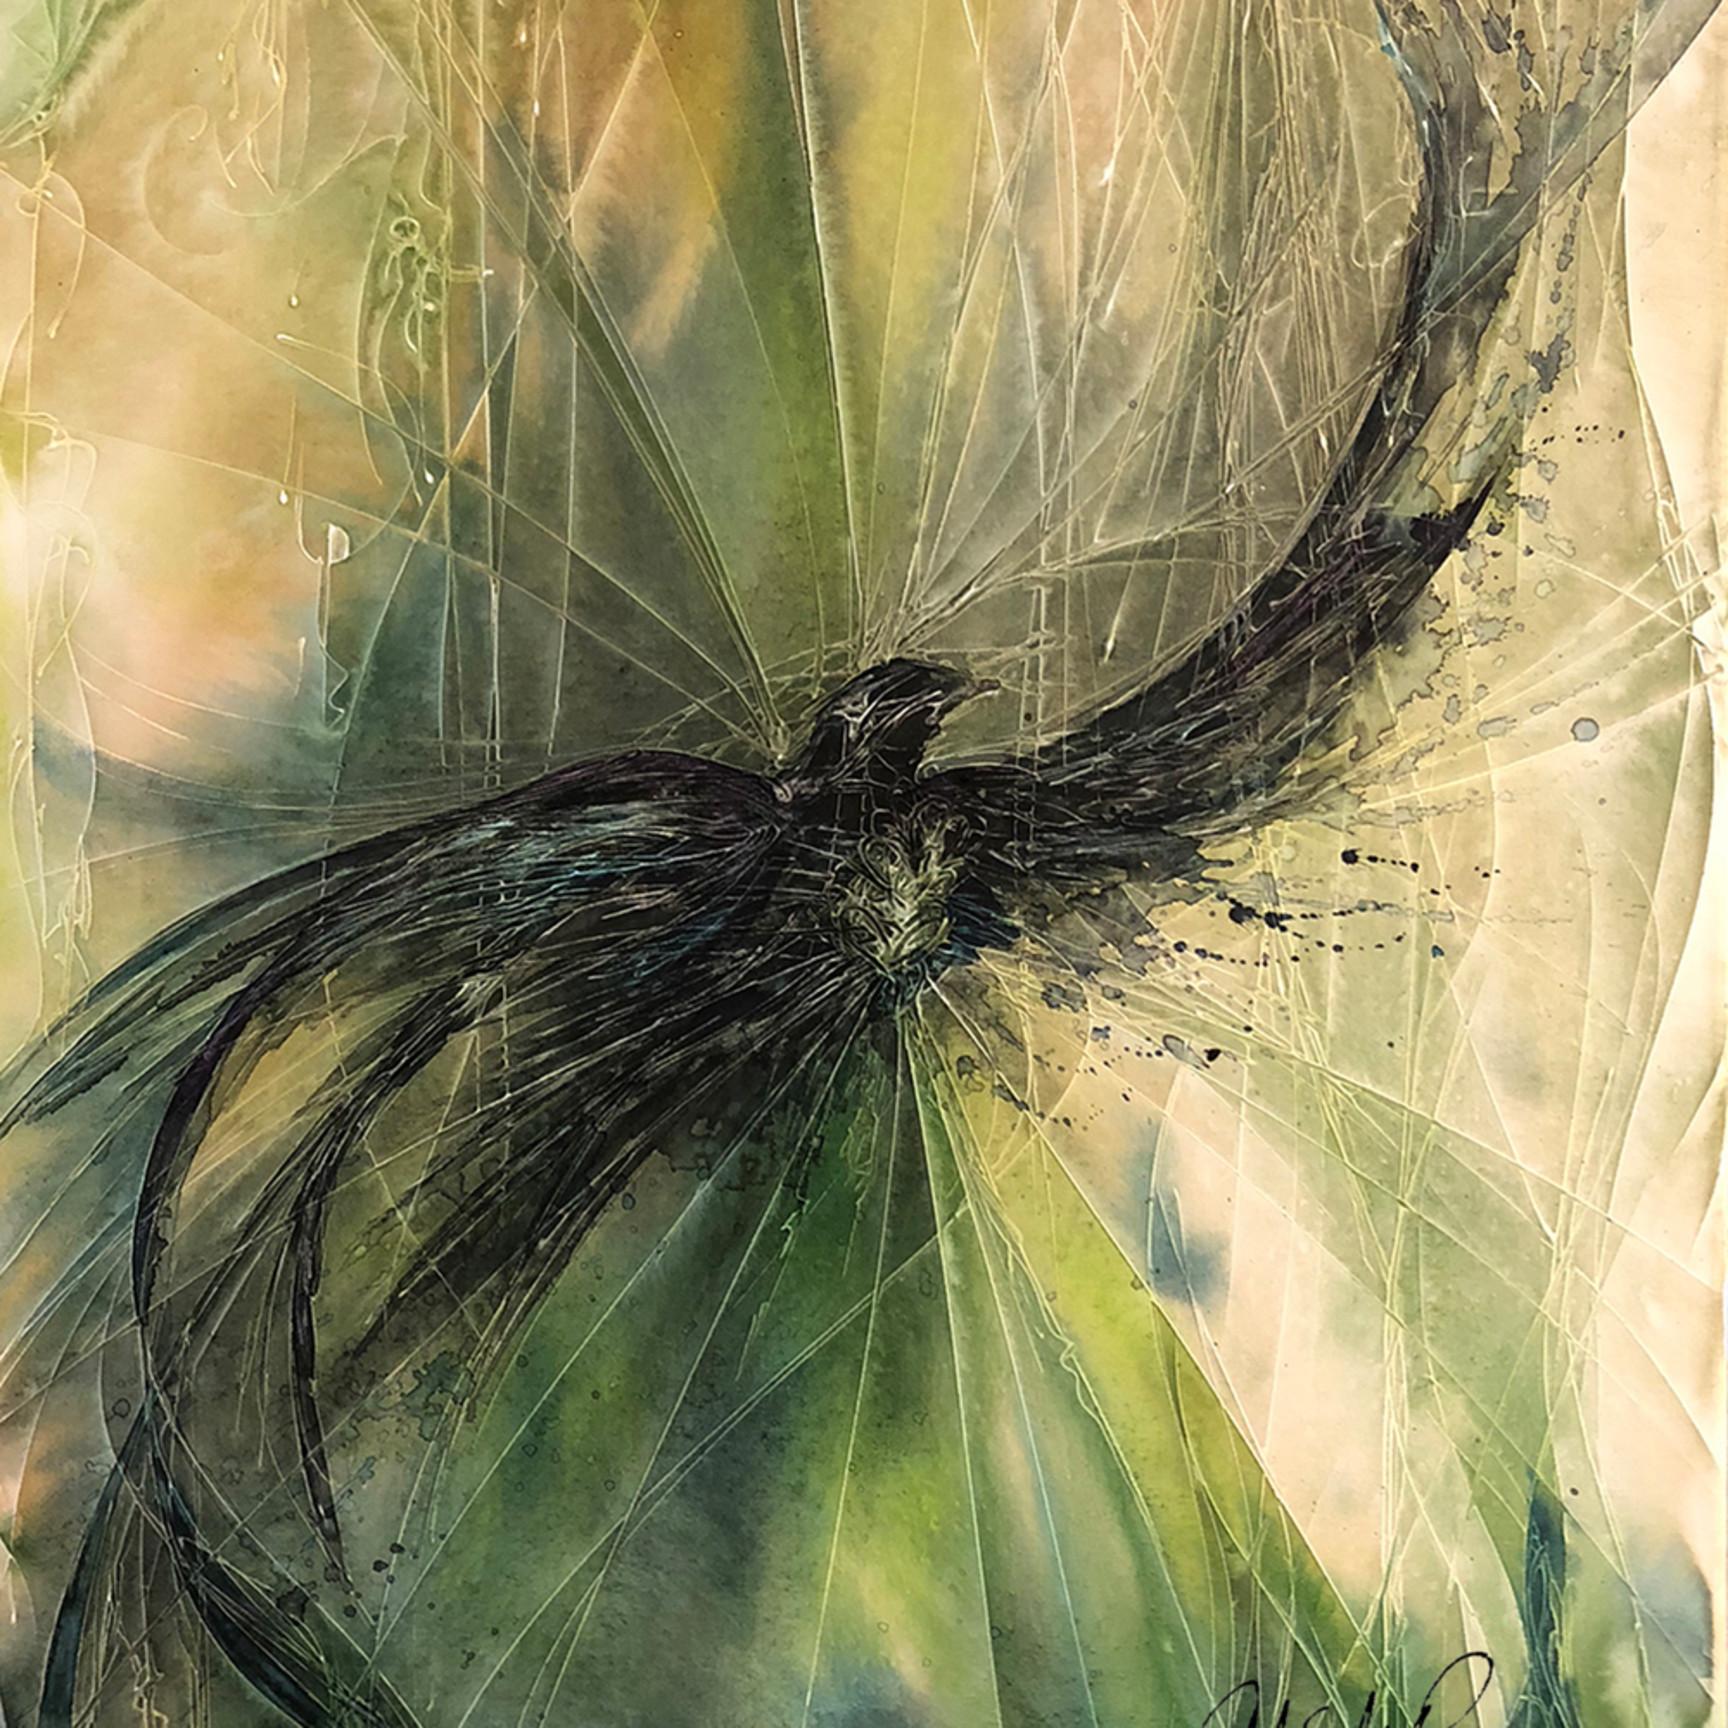 Blackbird spirit pufvqn